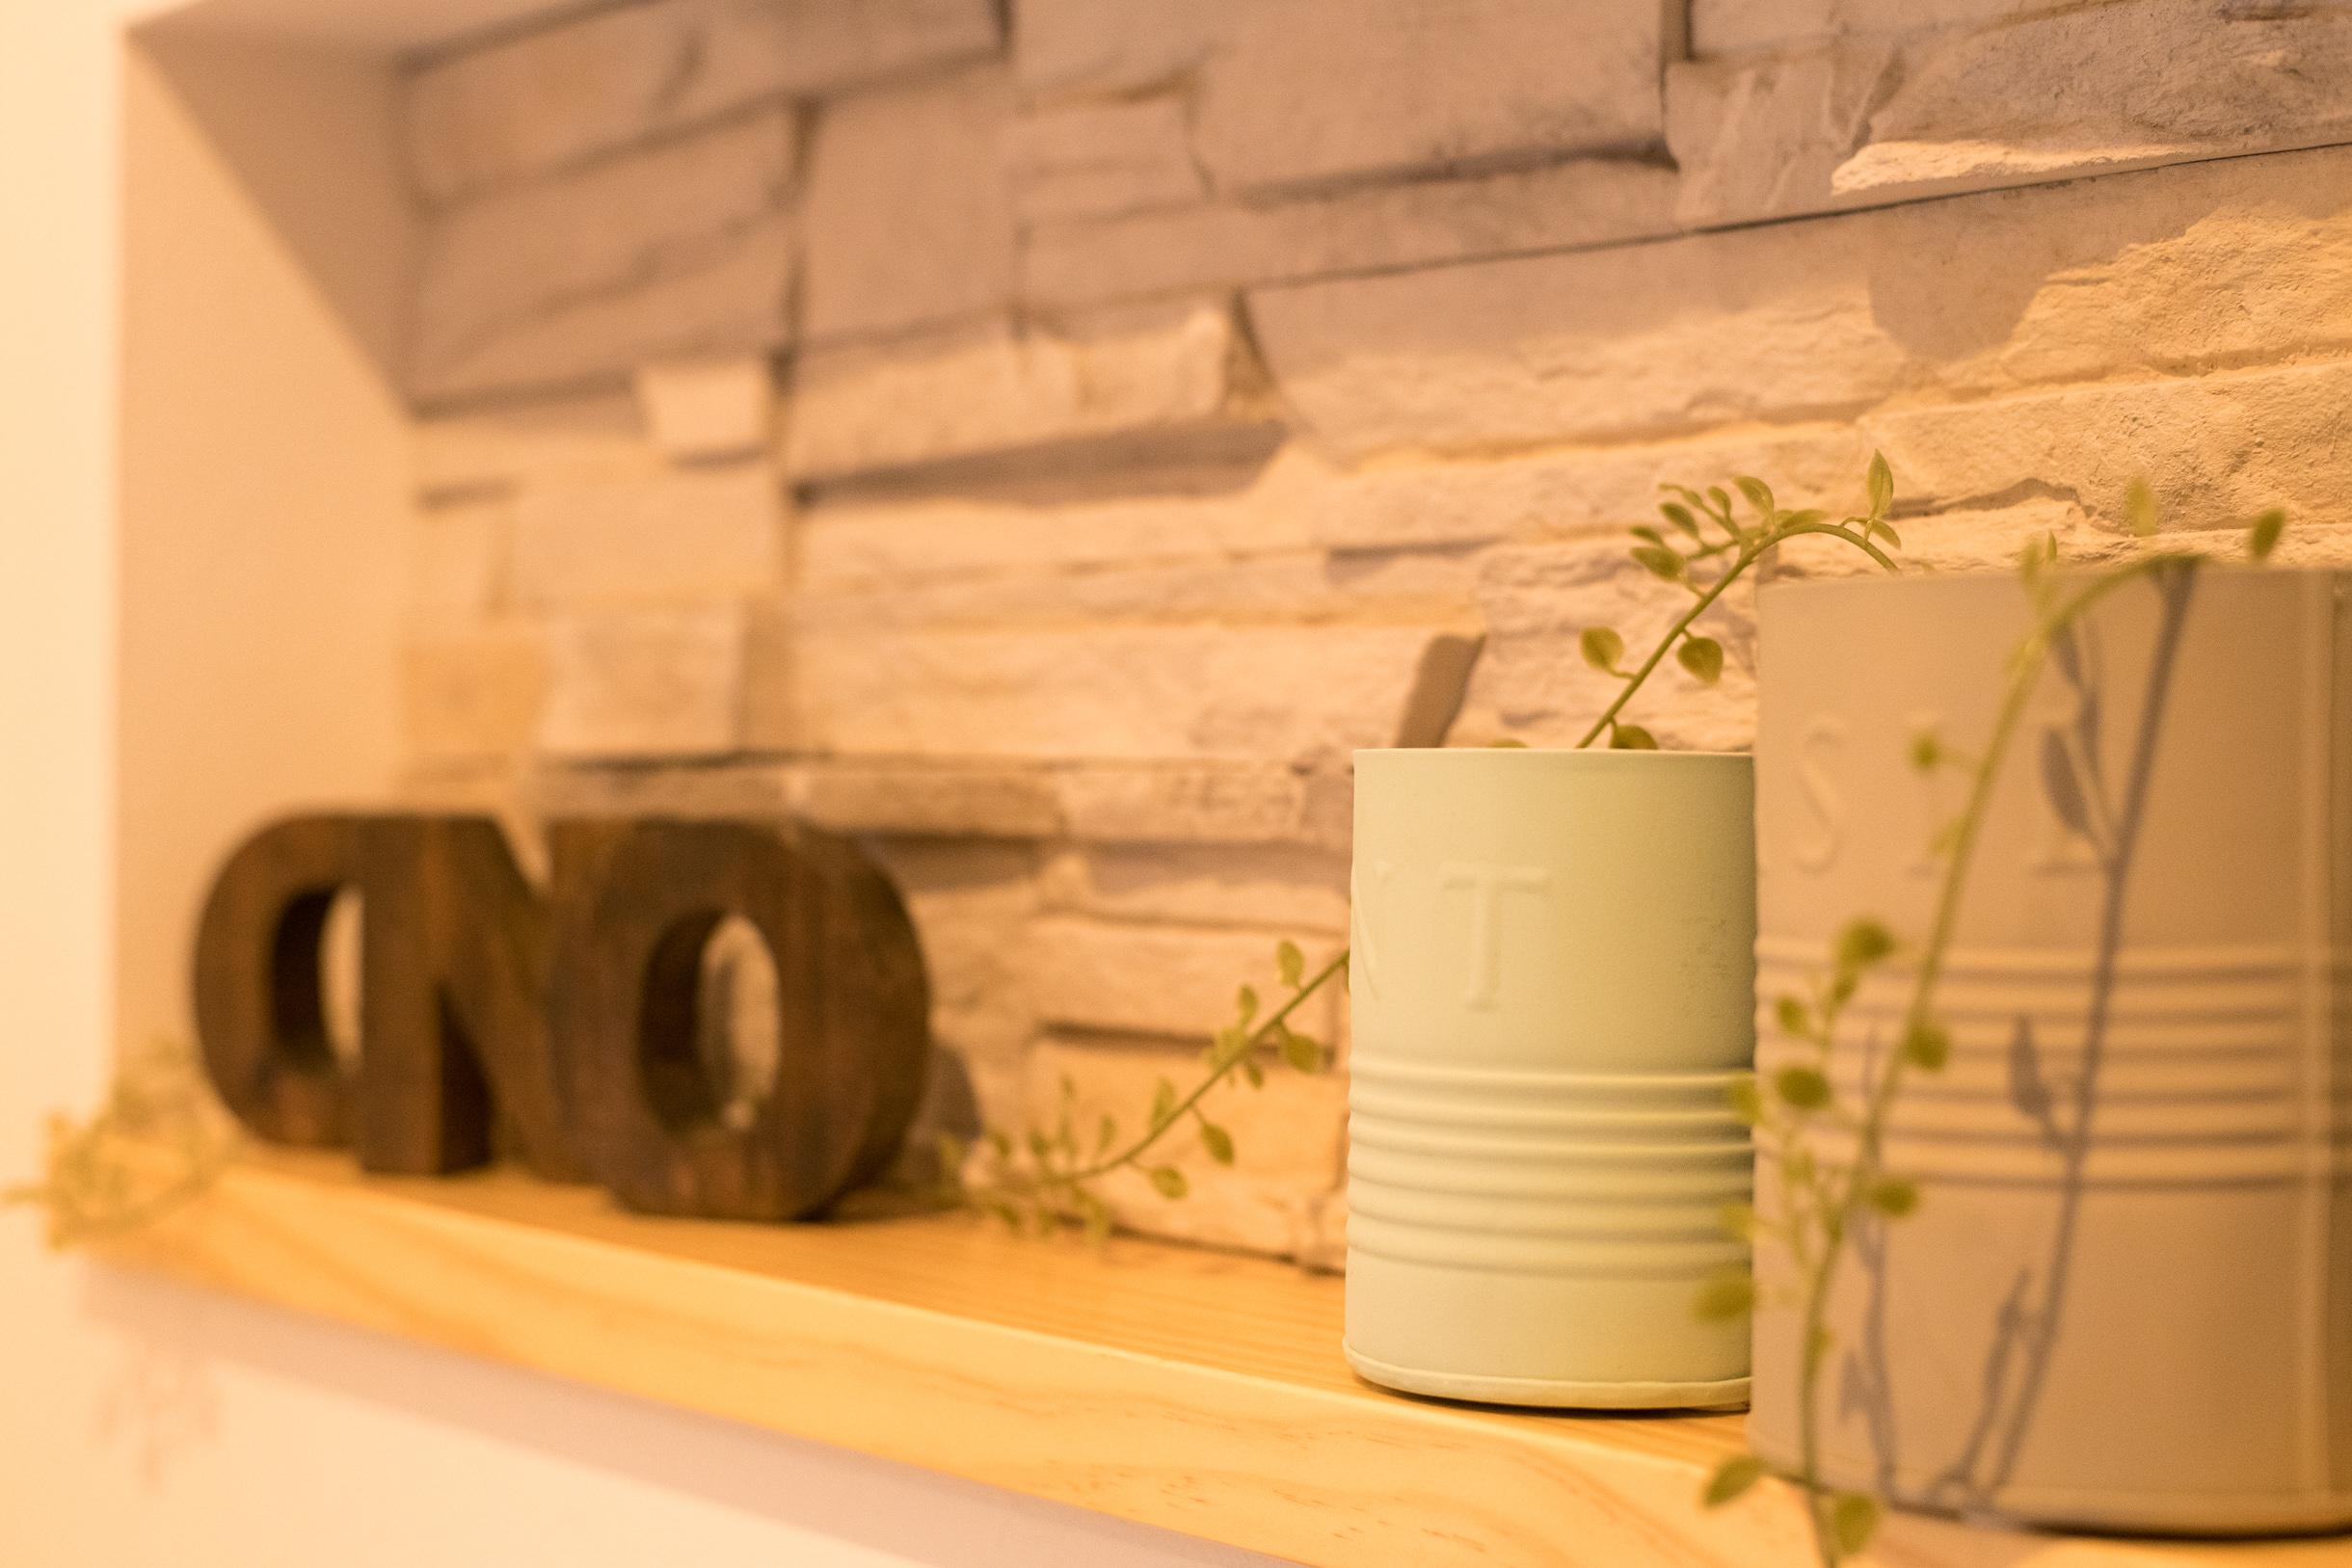 福山市の注文住宅|今井住建の施工事例ギャラリー「ニッチ棚は大切な写真を」